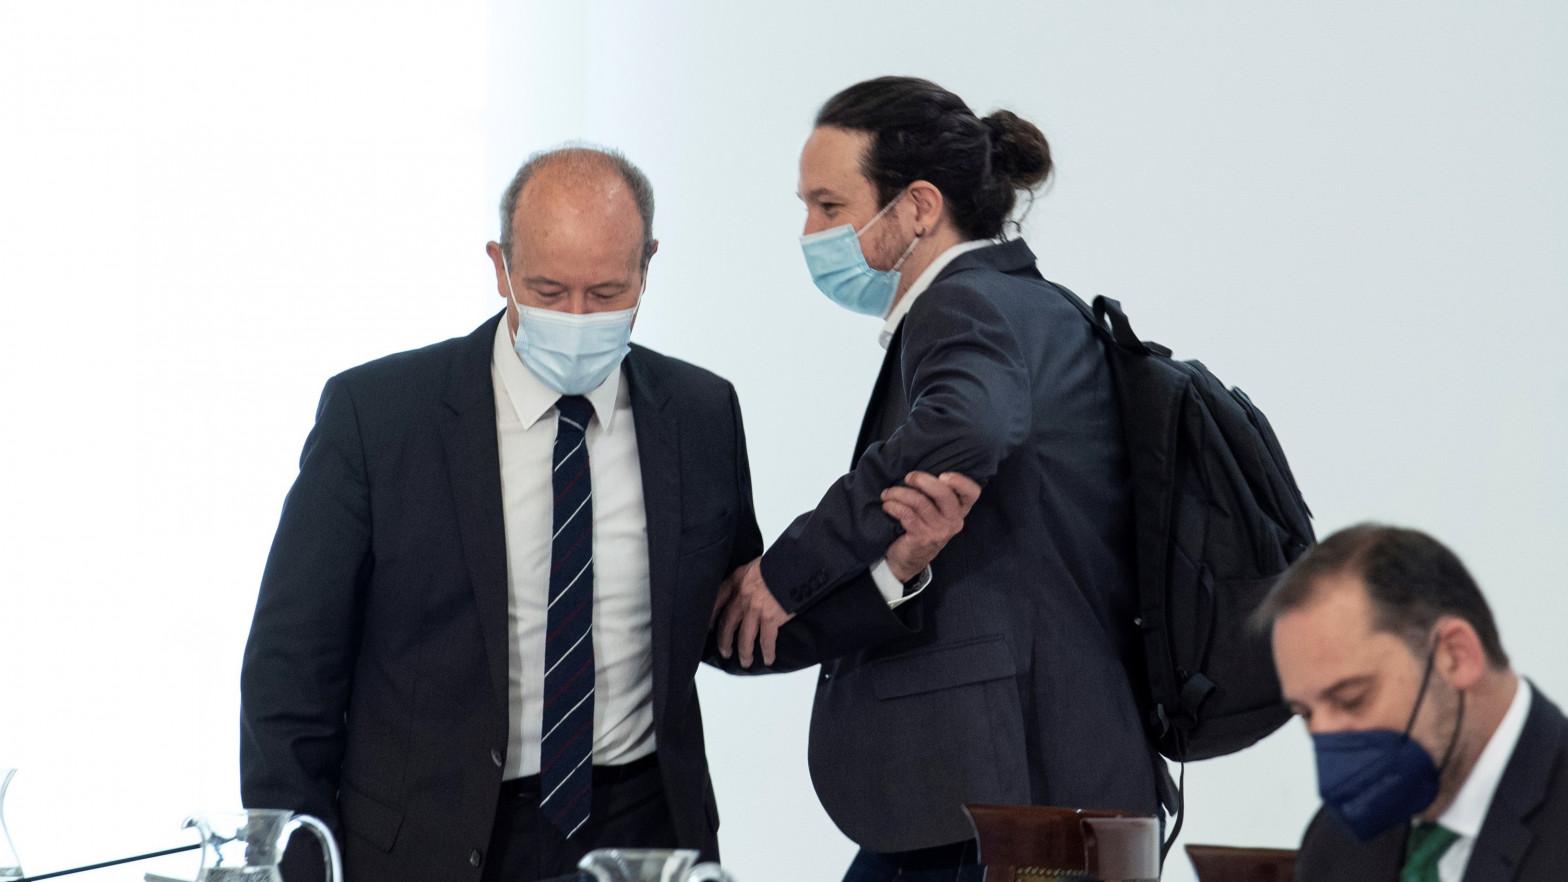 Pablo Iglesias ya no forma parte del Gobierno: el BOE recoge su cese